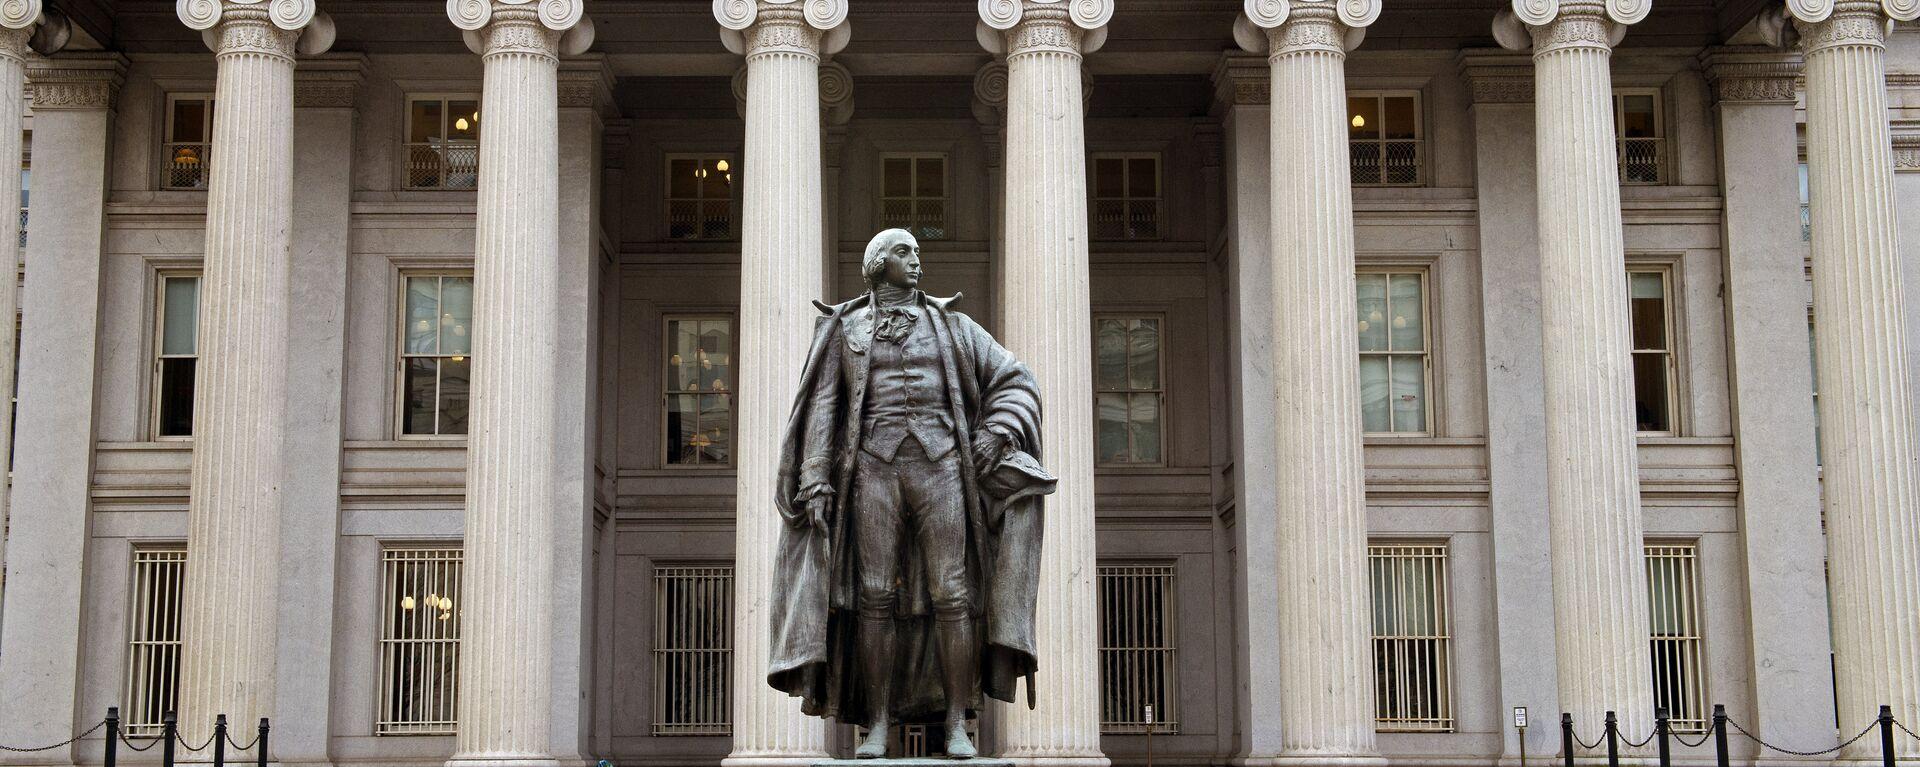 El edificio del Departamento de Tesoro de EEUU - Sputnik Mundo, 1920, 10.06.2021